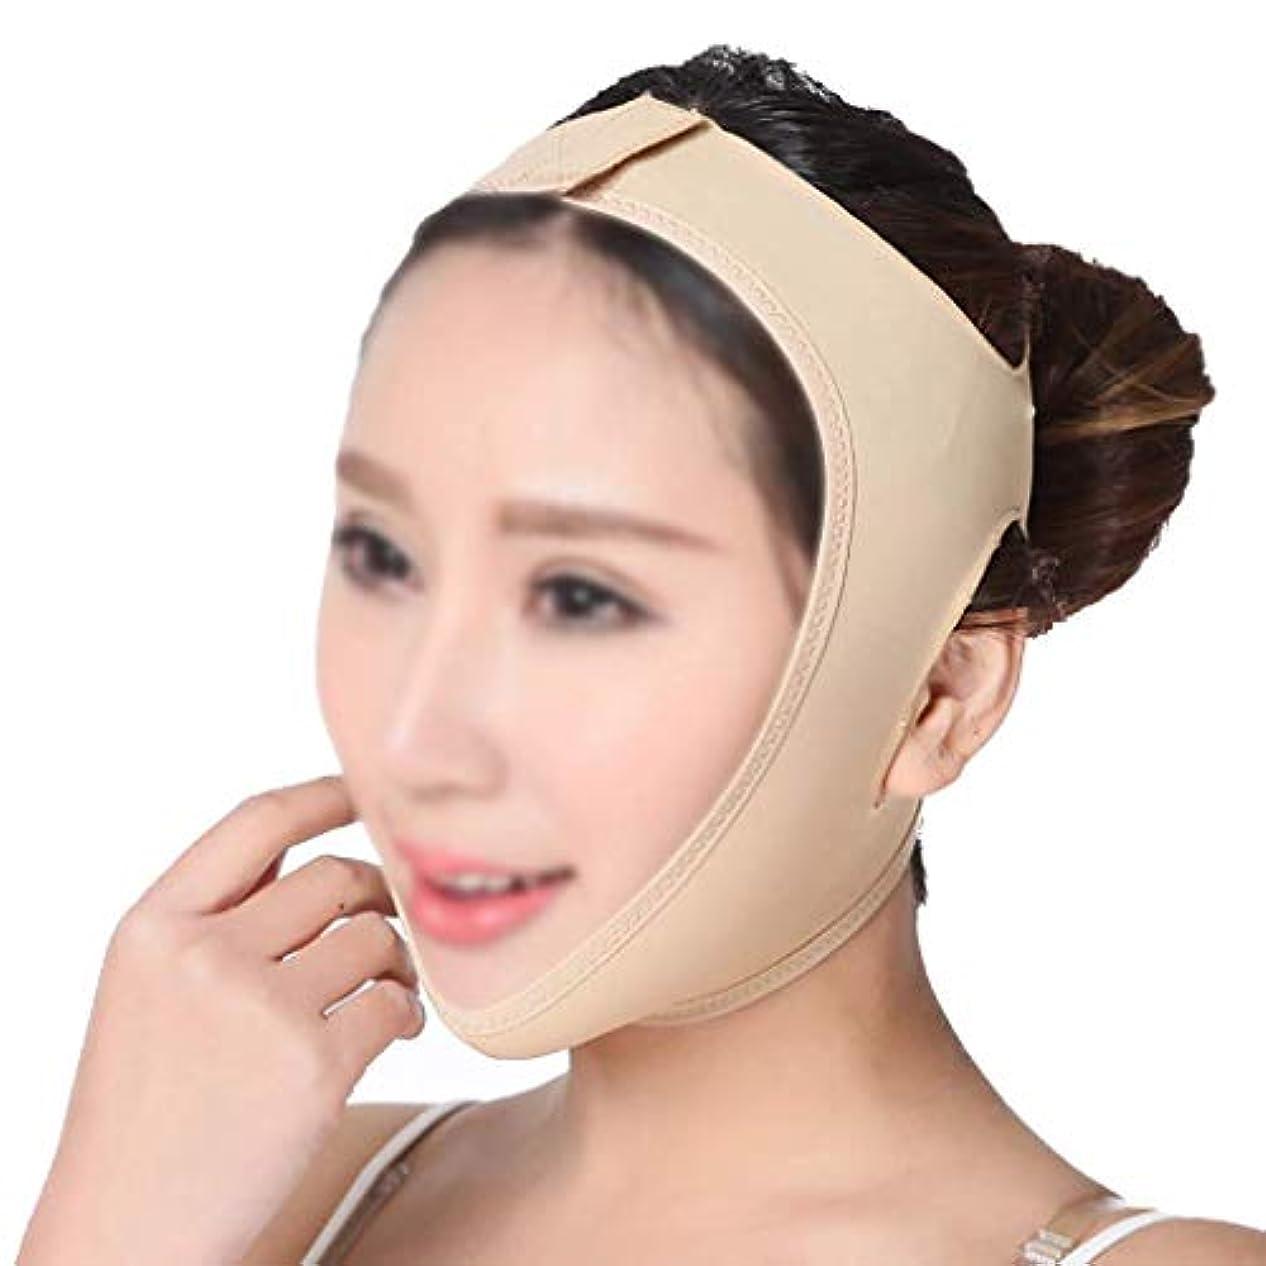 モード迅速解釈フェイスリフティングマスク、リフティングチン、フェイシャルスキン、頬垂れ防止、快適で 生地、詰まることを拒否、着用が簡単(サイズ:M),ザ?